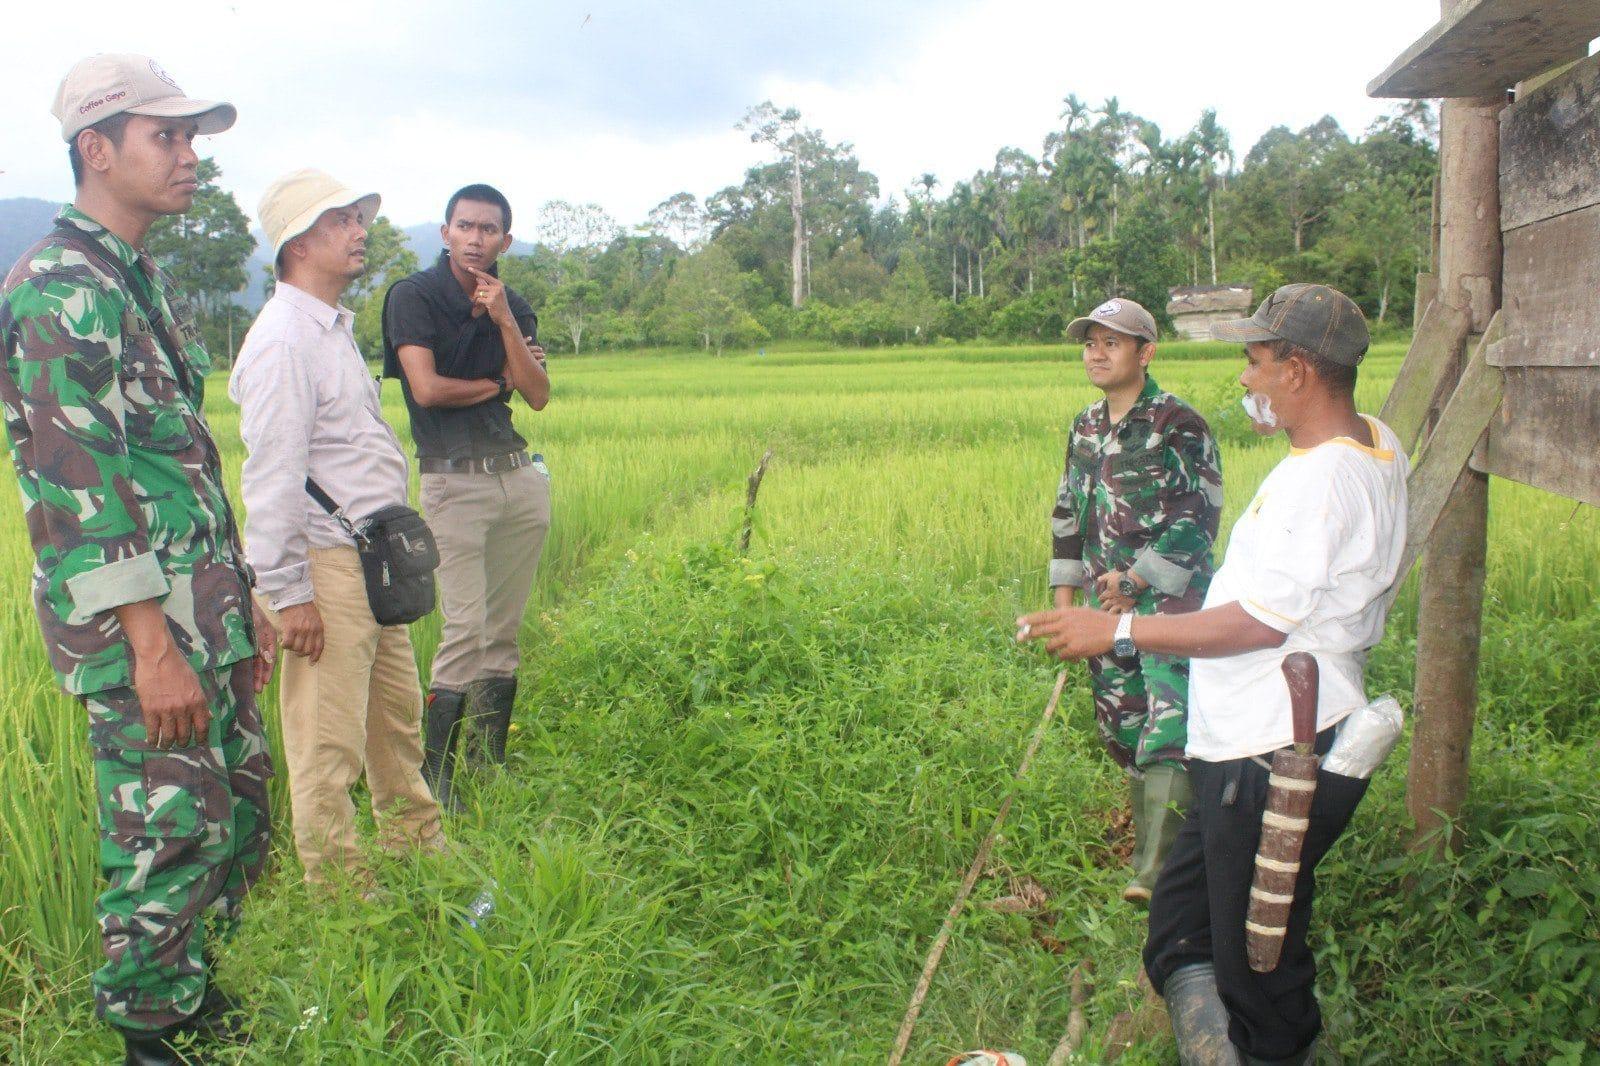 TNI-AD Bersama Dinas Pertanian Percepat Penyediaan Lahan Sawah Baru untuk Petani